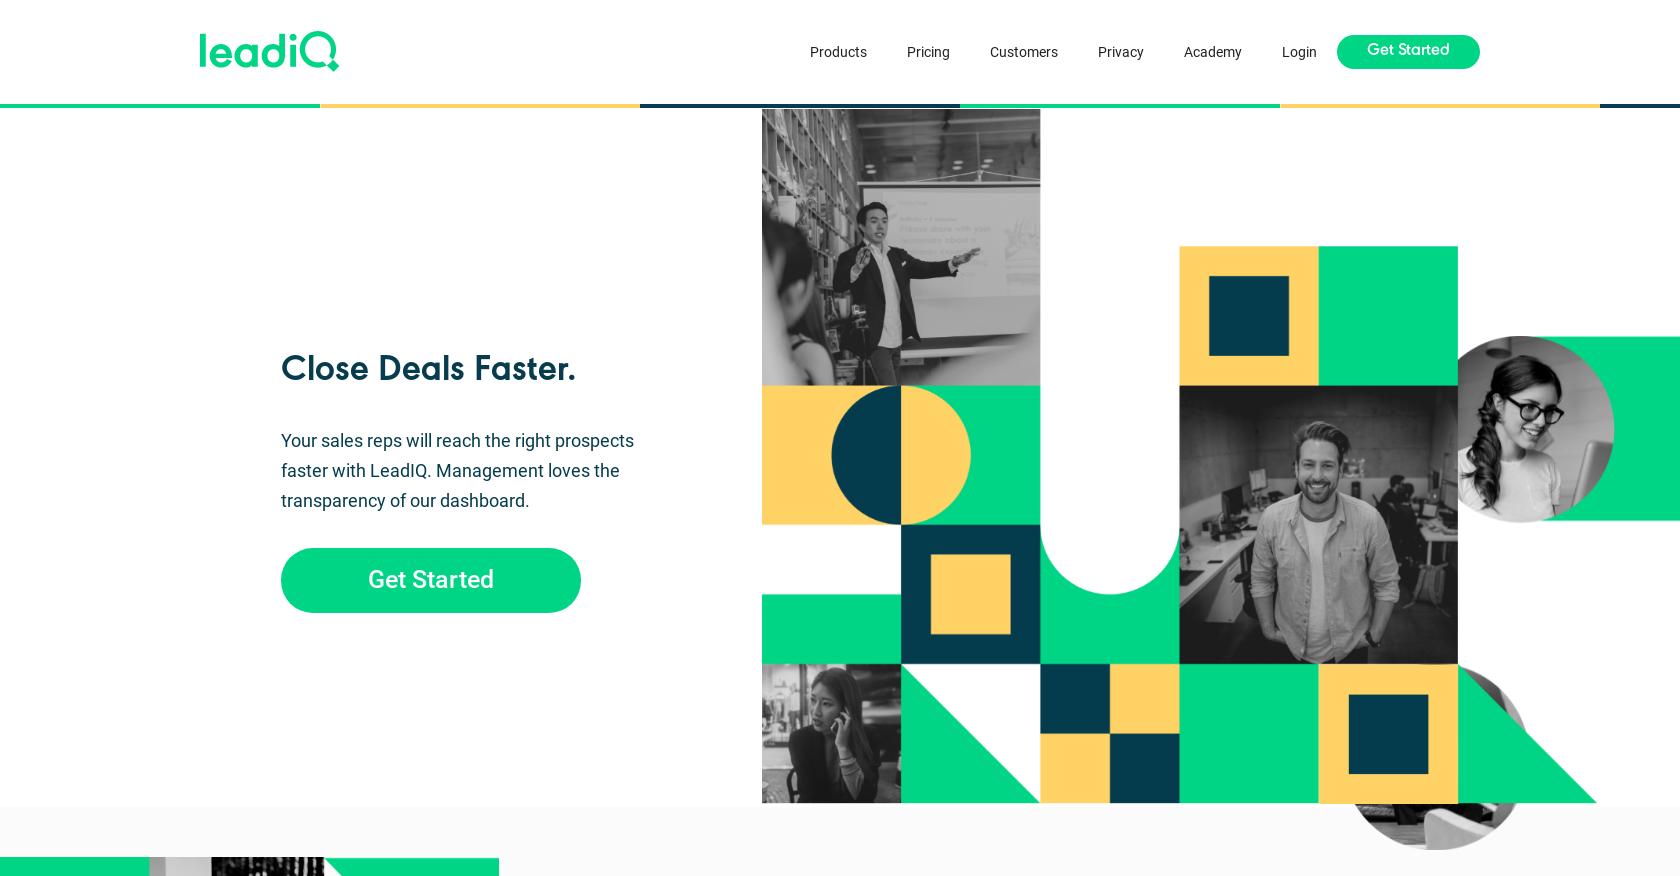 leadiq.com